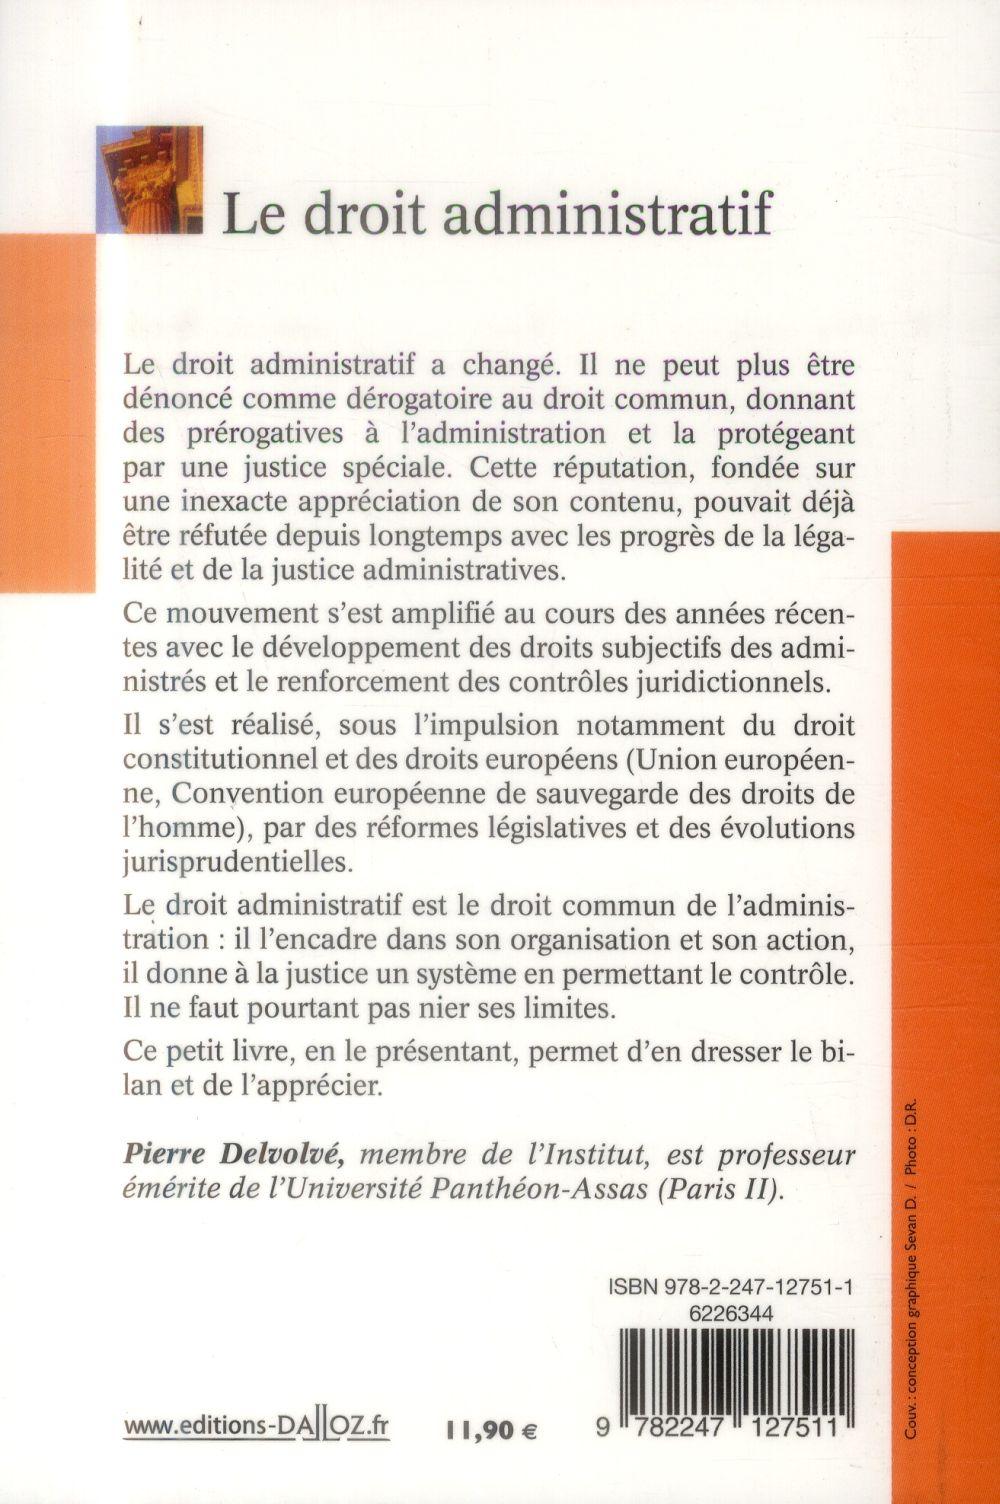 Le droit administratif (6e édition)